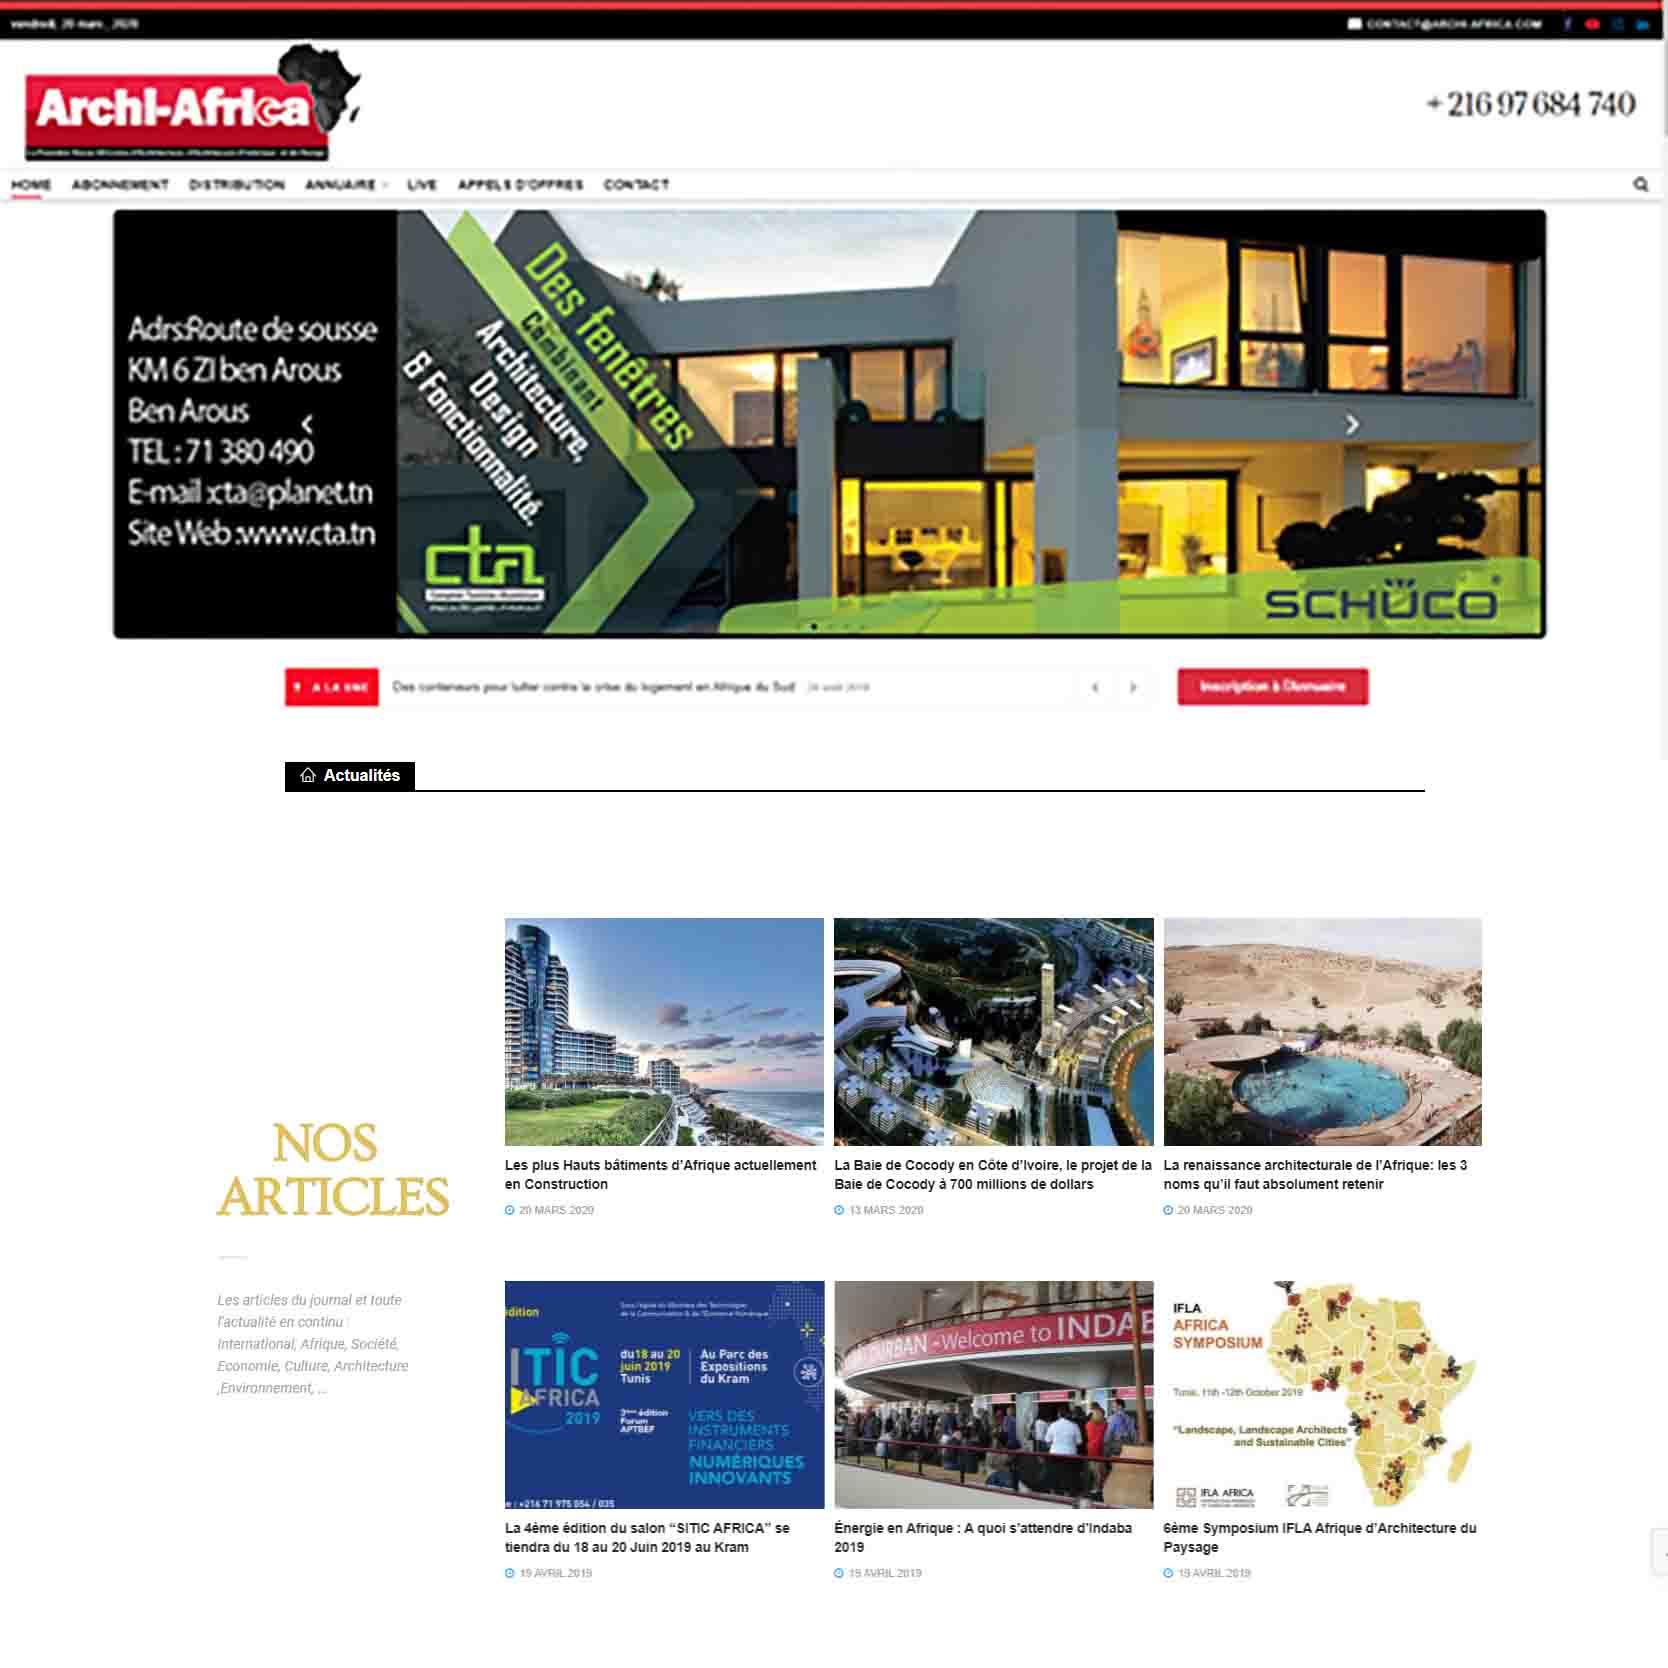 www.Archi-Africa.com